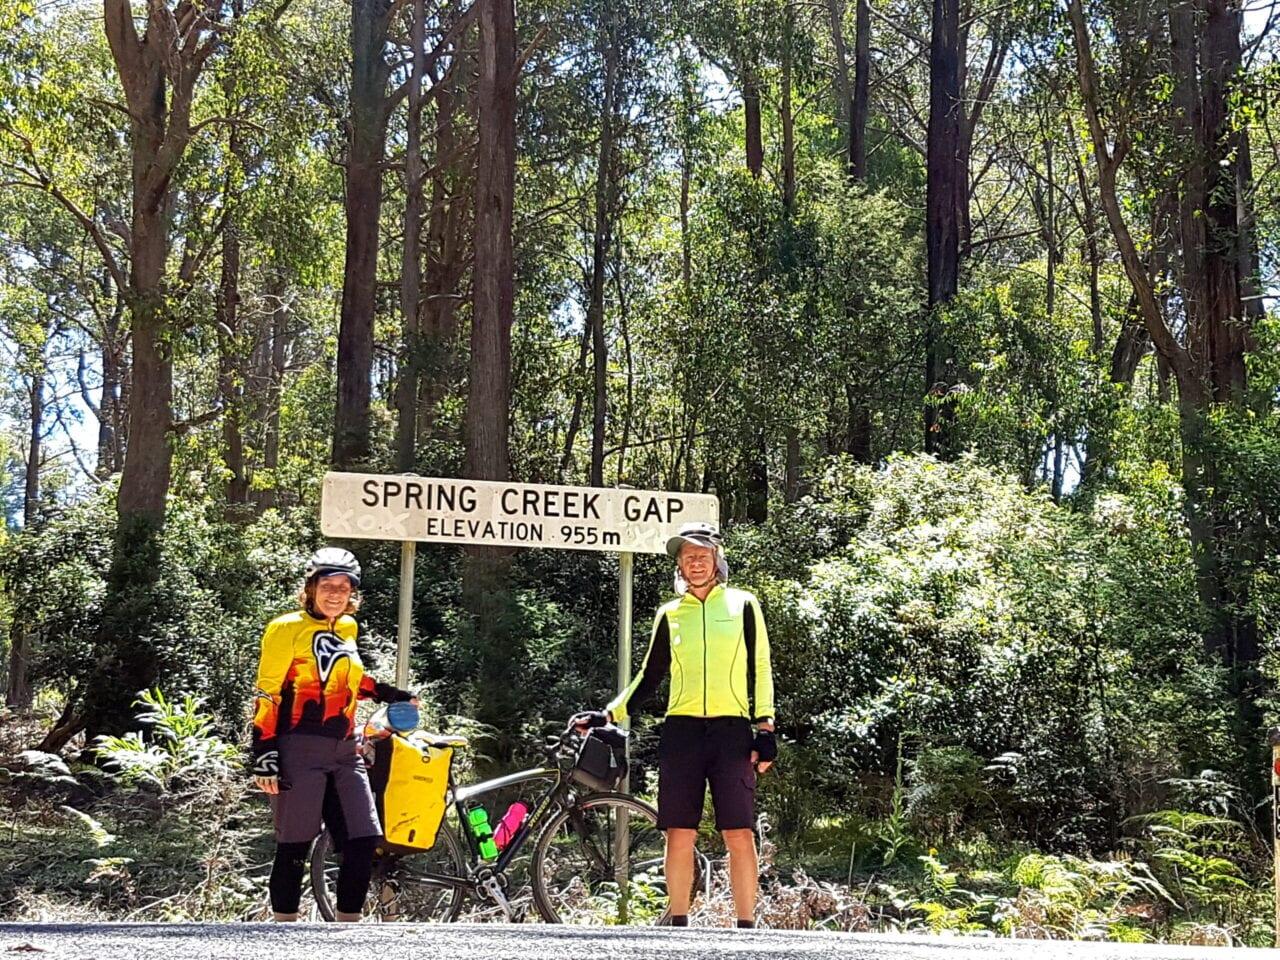 Two bikers in Australia.